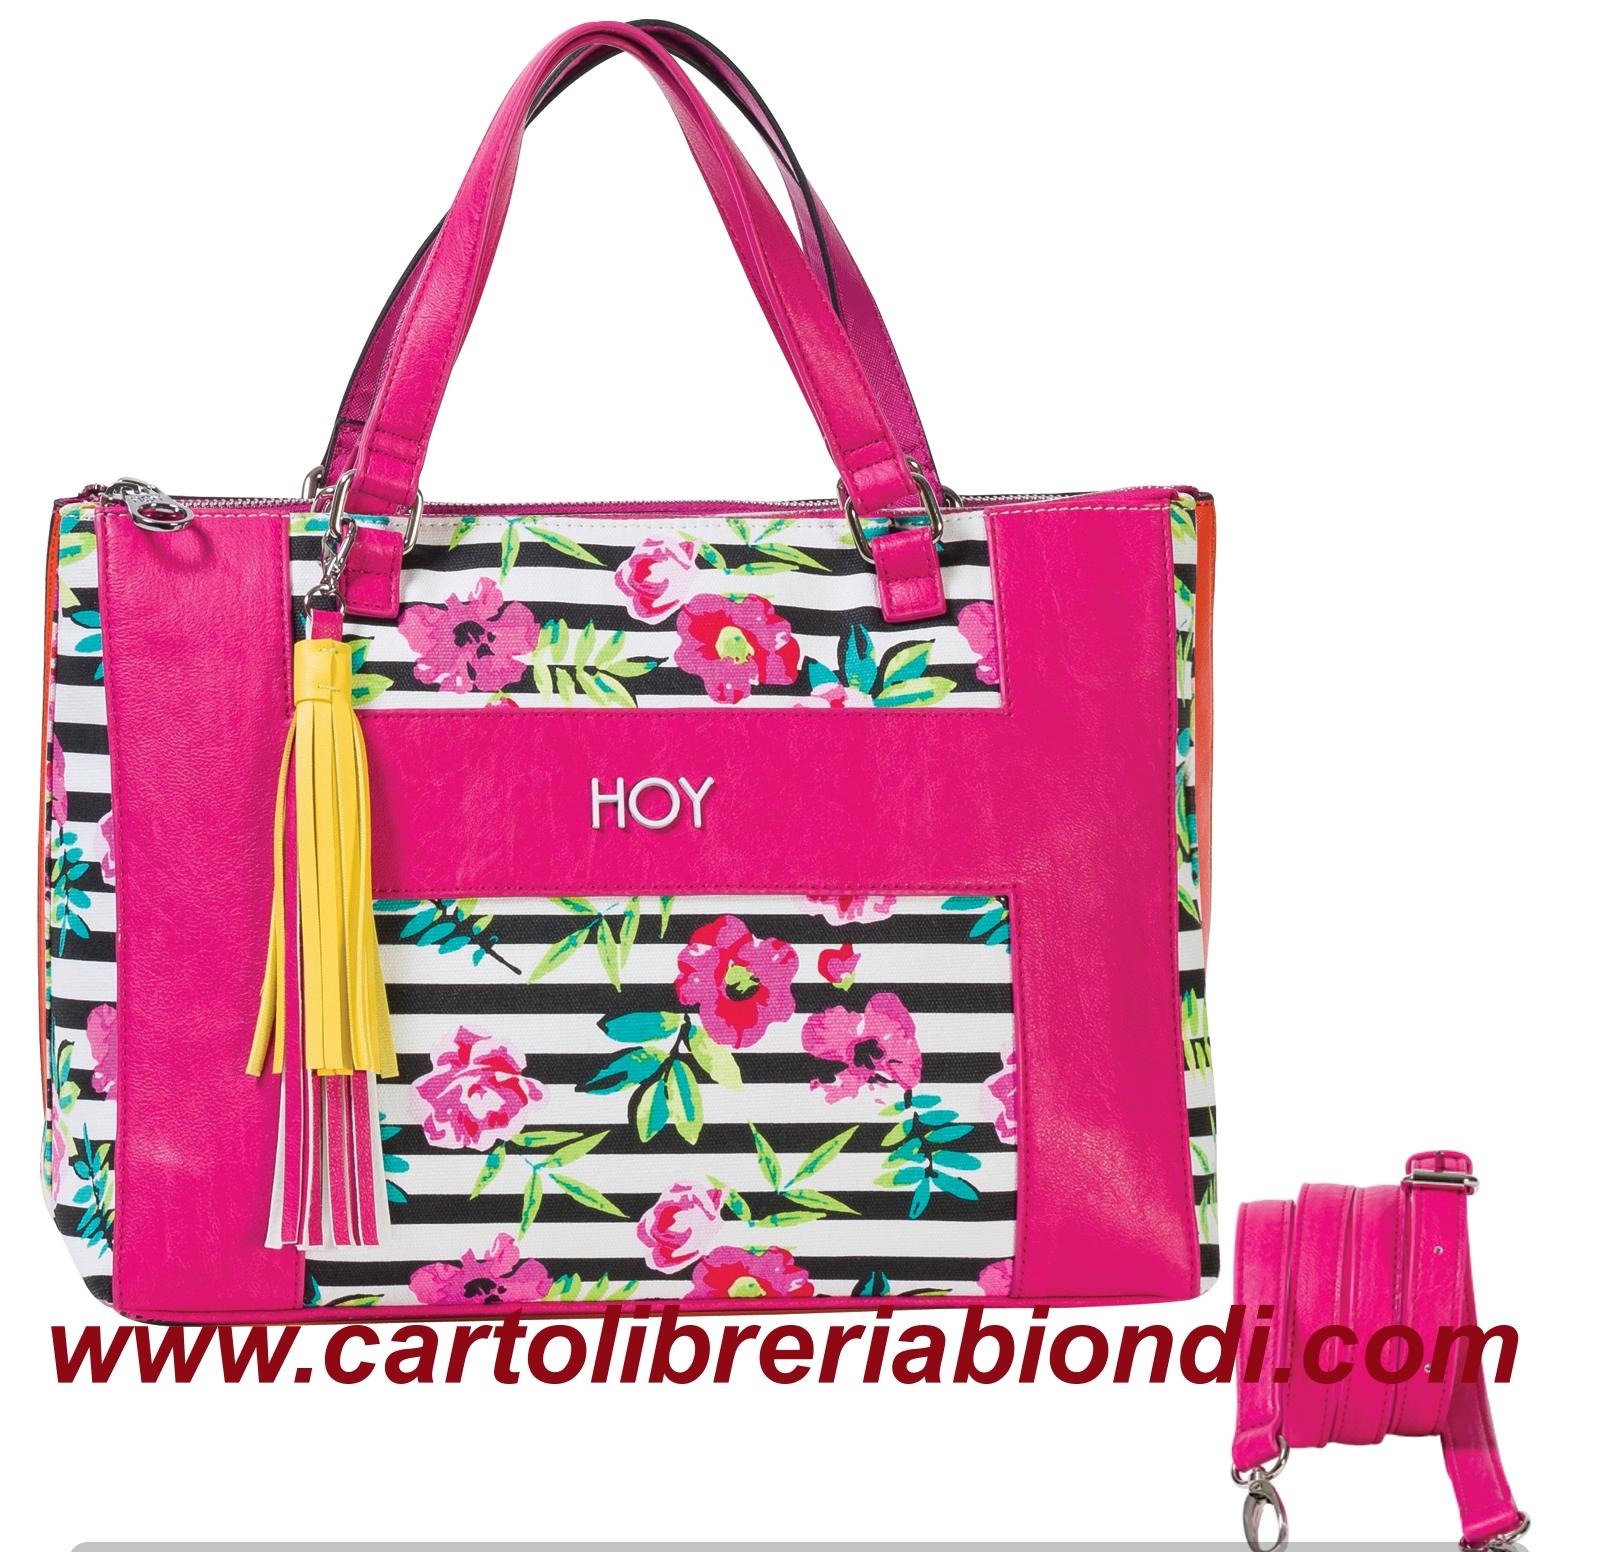 HOY Flowers Haiti Hand Bag